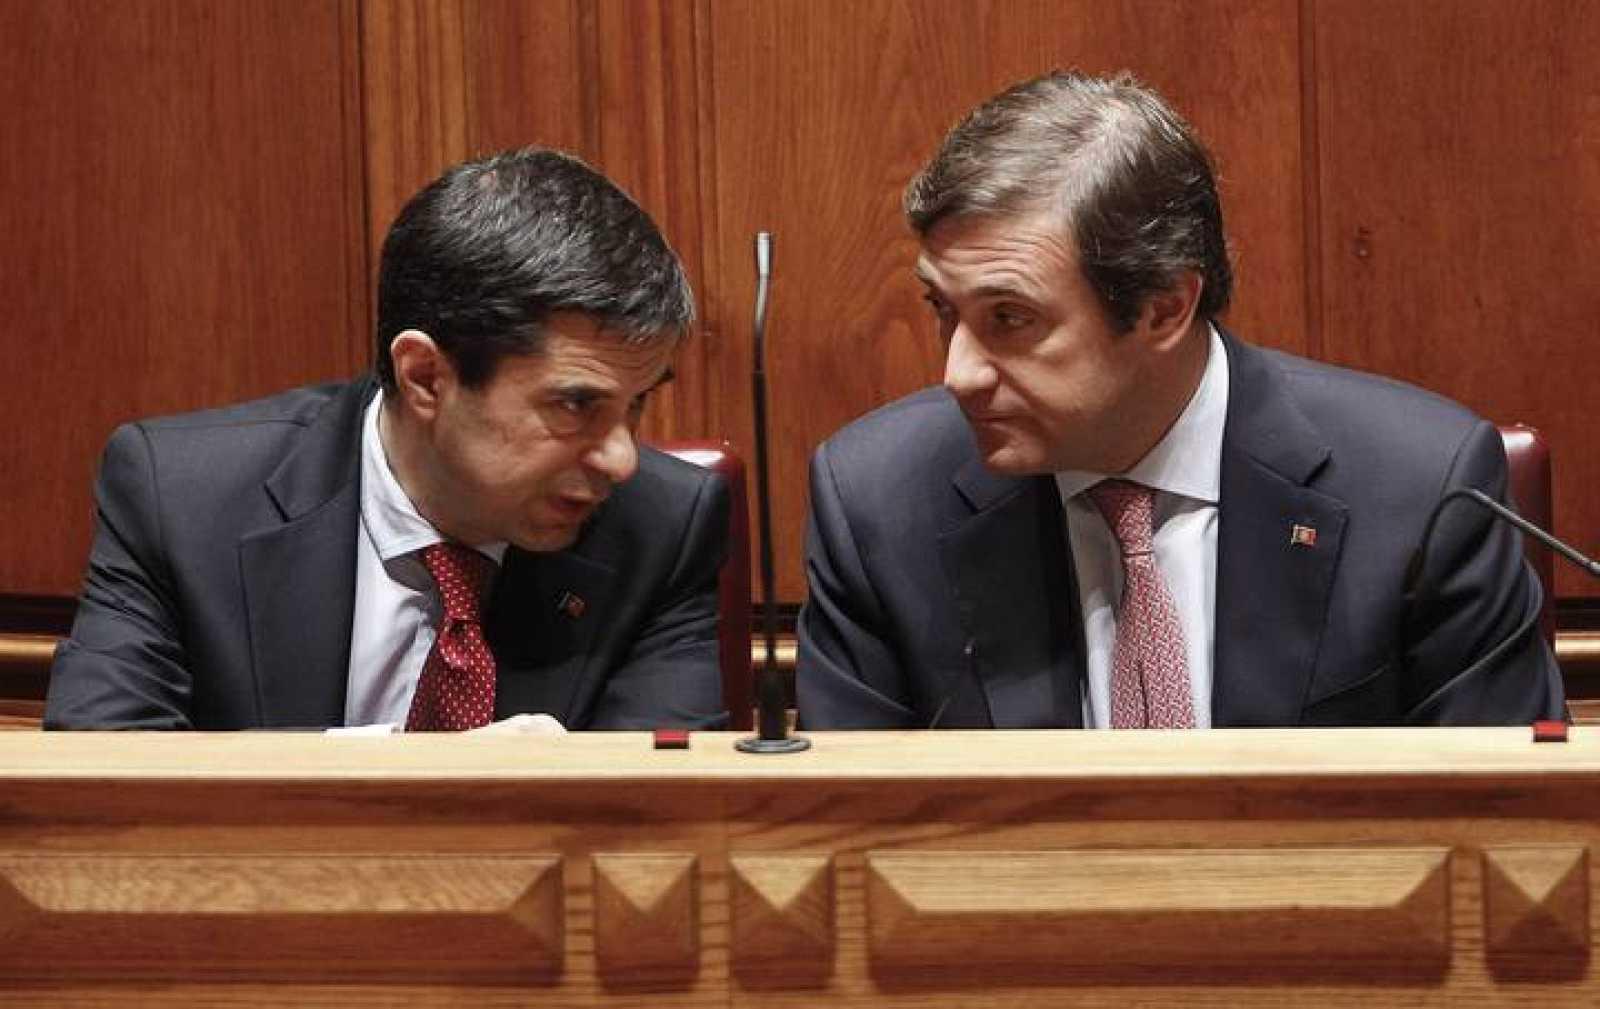 El primer ministro portugués Pedro Passos Coelho (d) conversa con el ministro de Finanzas, Vitor Gaspar, (i), en el parlamento